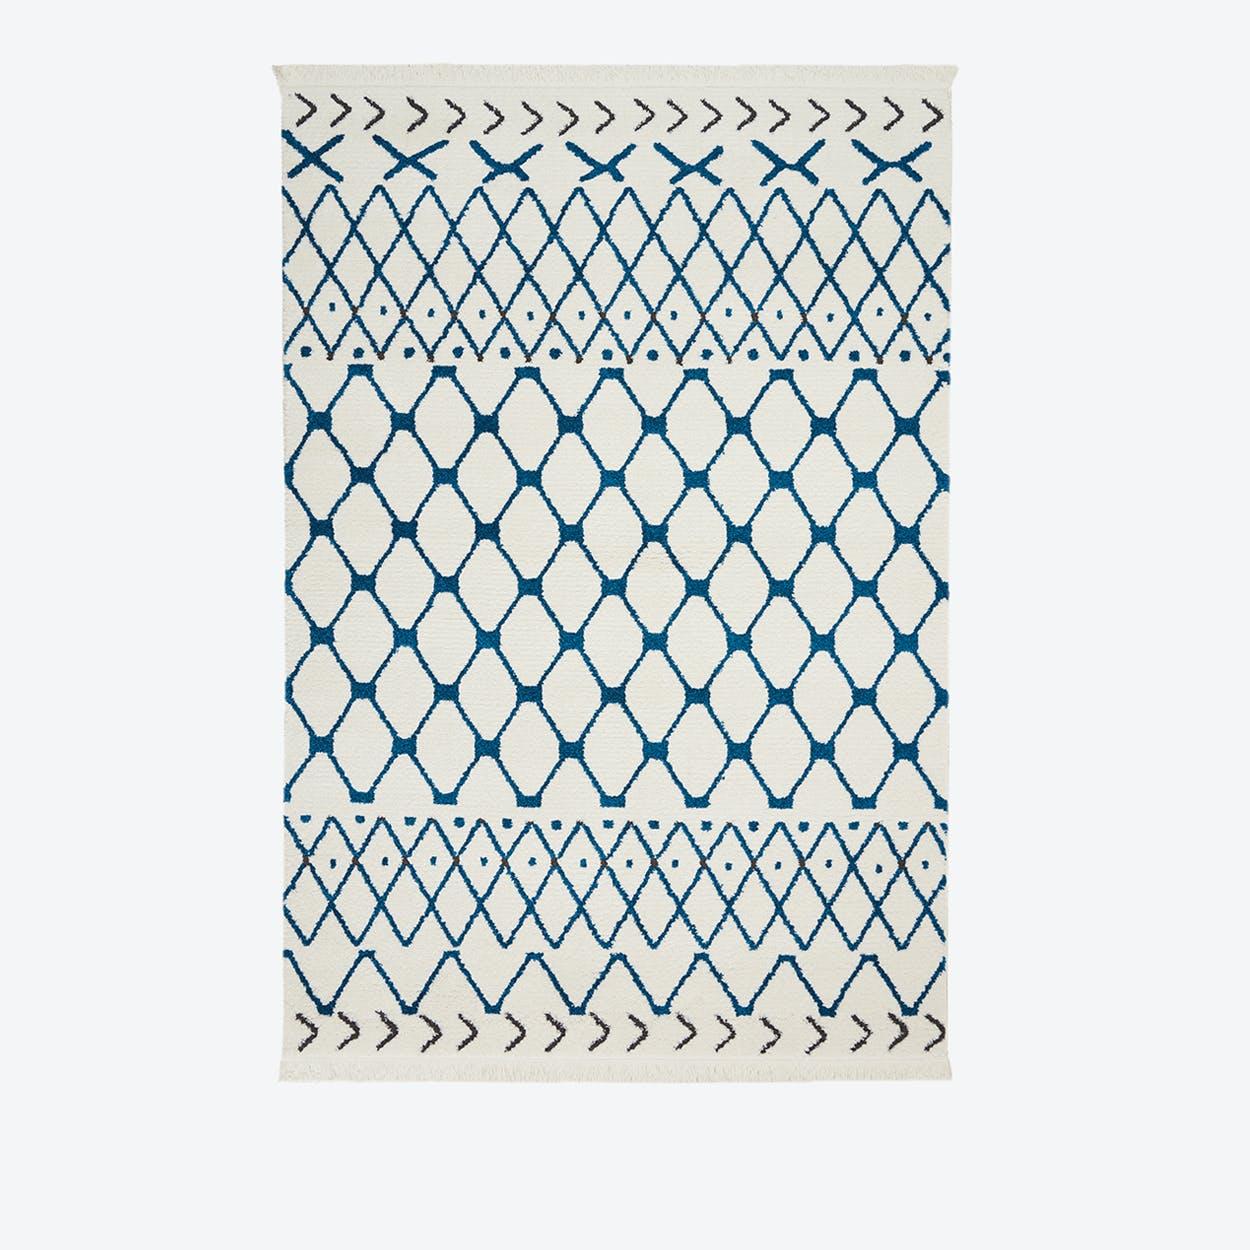 KAMALA Rug in White & Blue